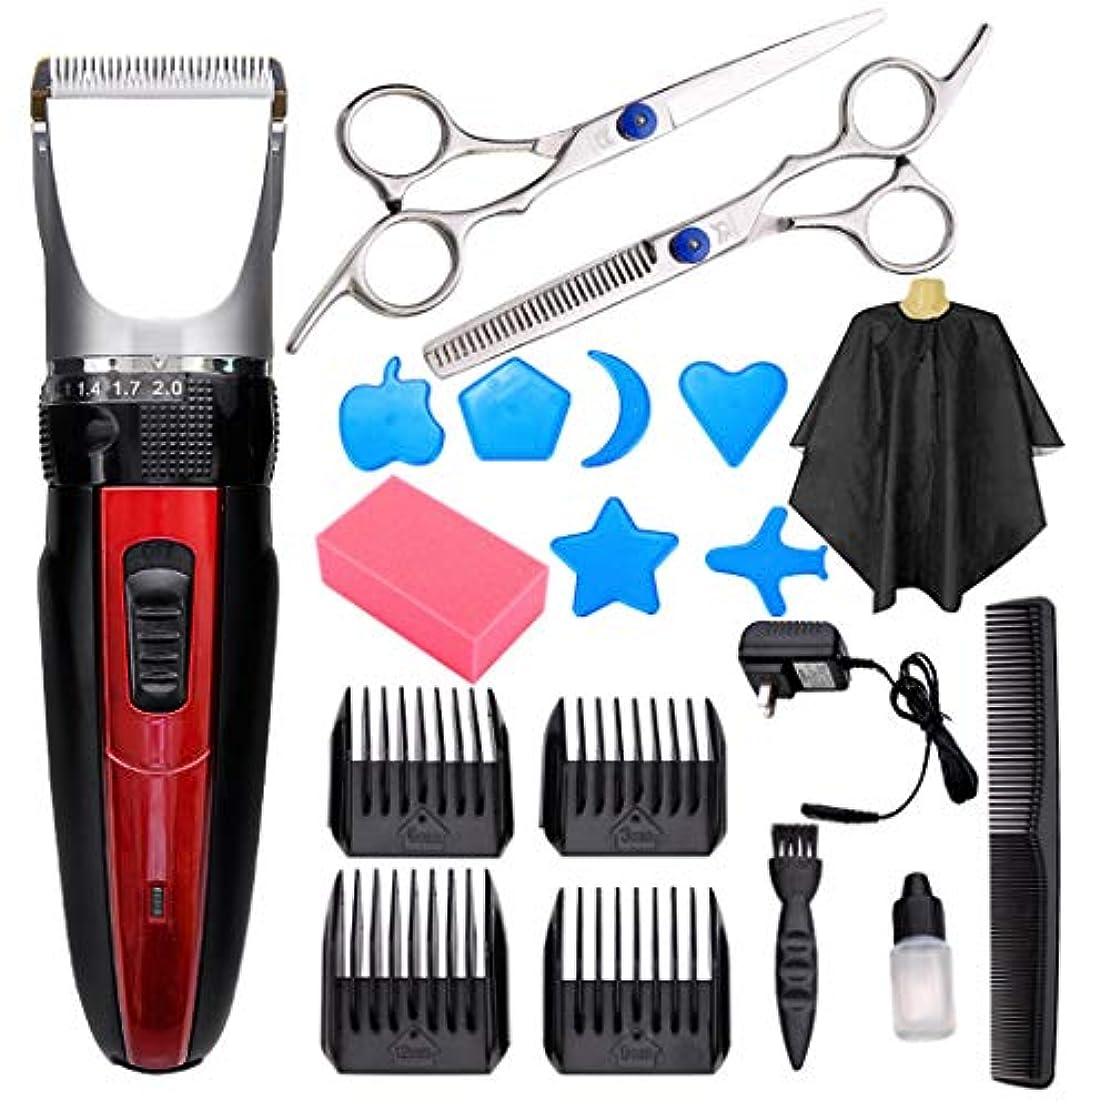 記念碑義務付けられた反対する男性のバリカン、毎日の家の毛の切断の使用のためのシェーバーの充電のヘアカットの必要なクリーニング-red